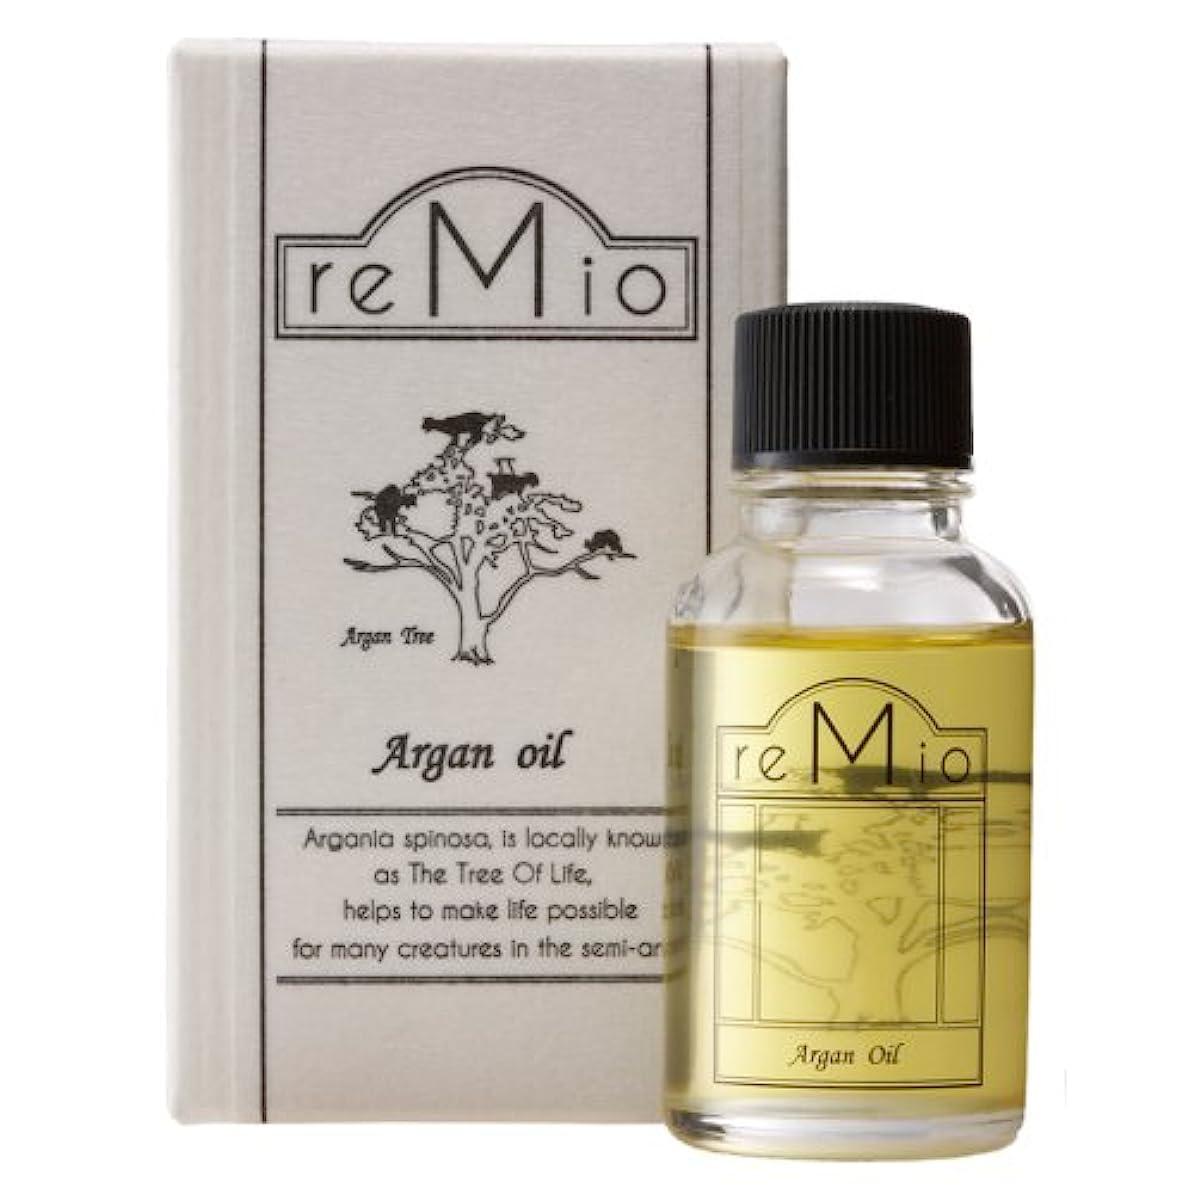 協定消費重要レミオ(REMIO) オーガニックアルガンオイル